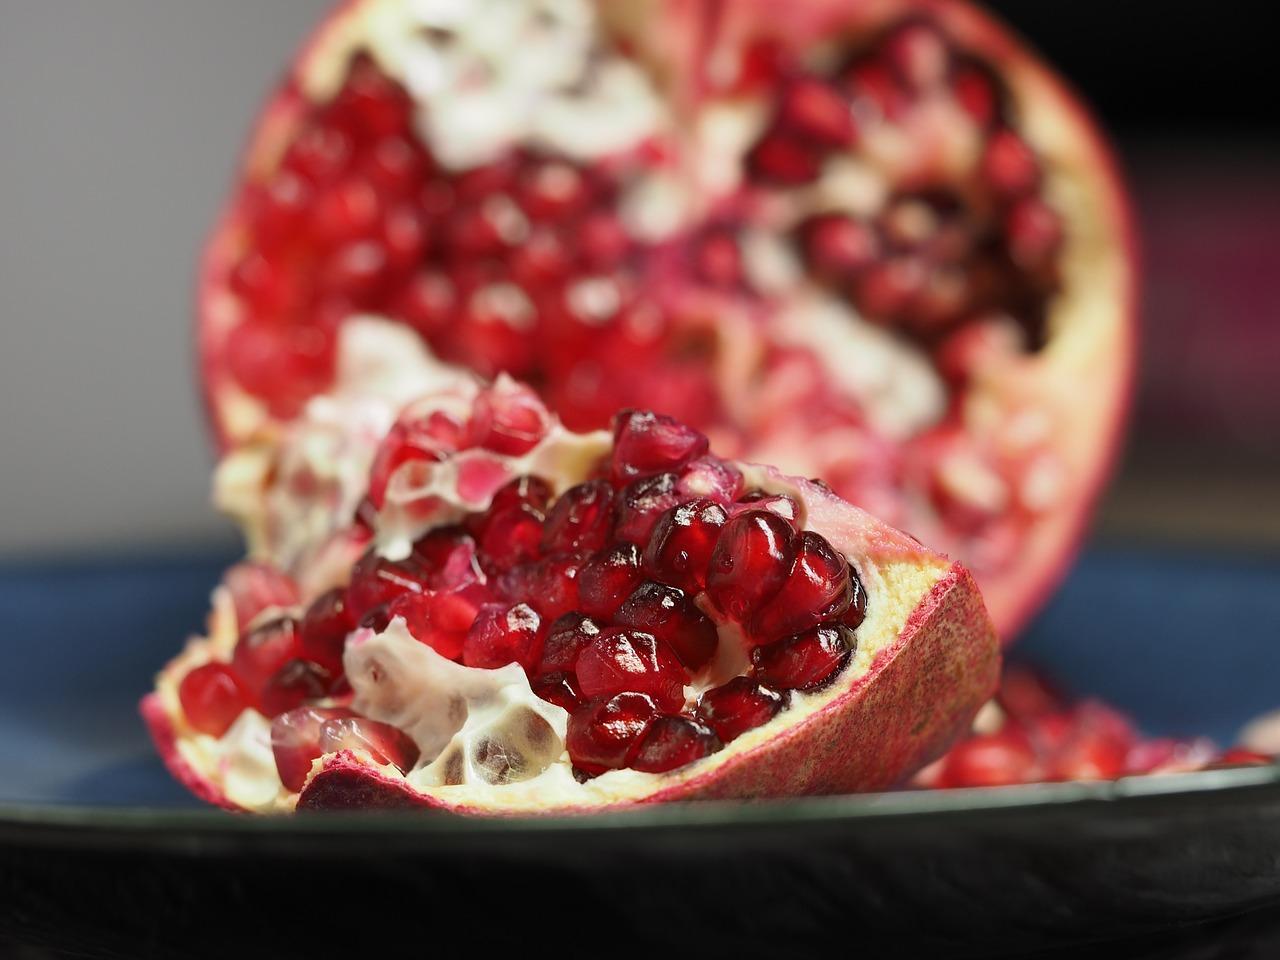 Melograno nella dieta: le proprietà dimagranti, le calorie e i valori nutrizionali